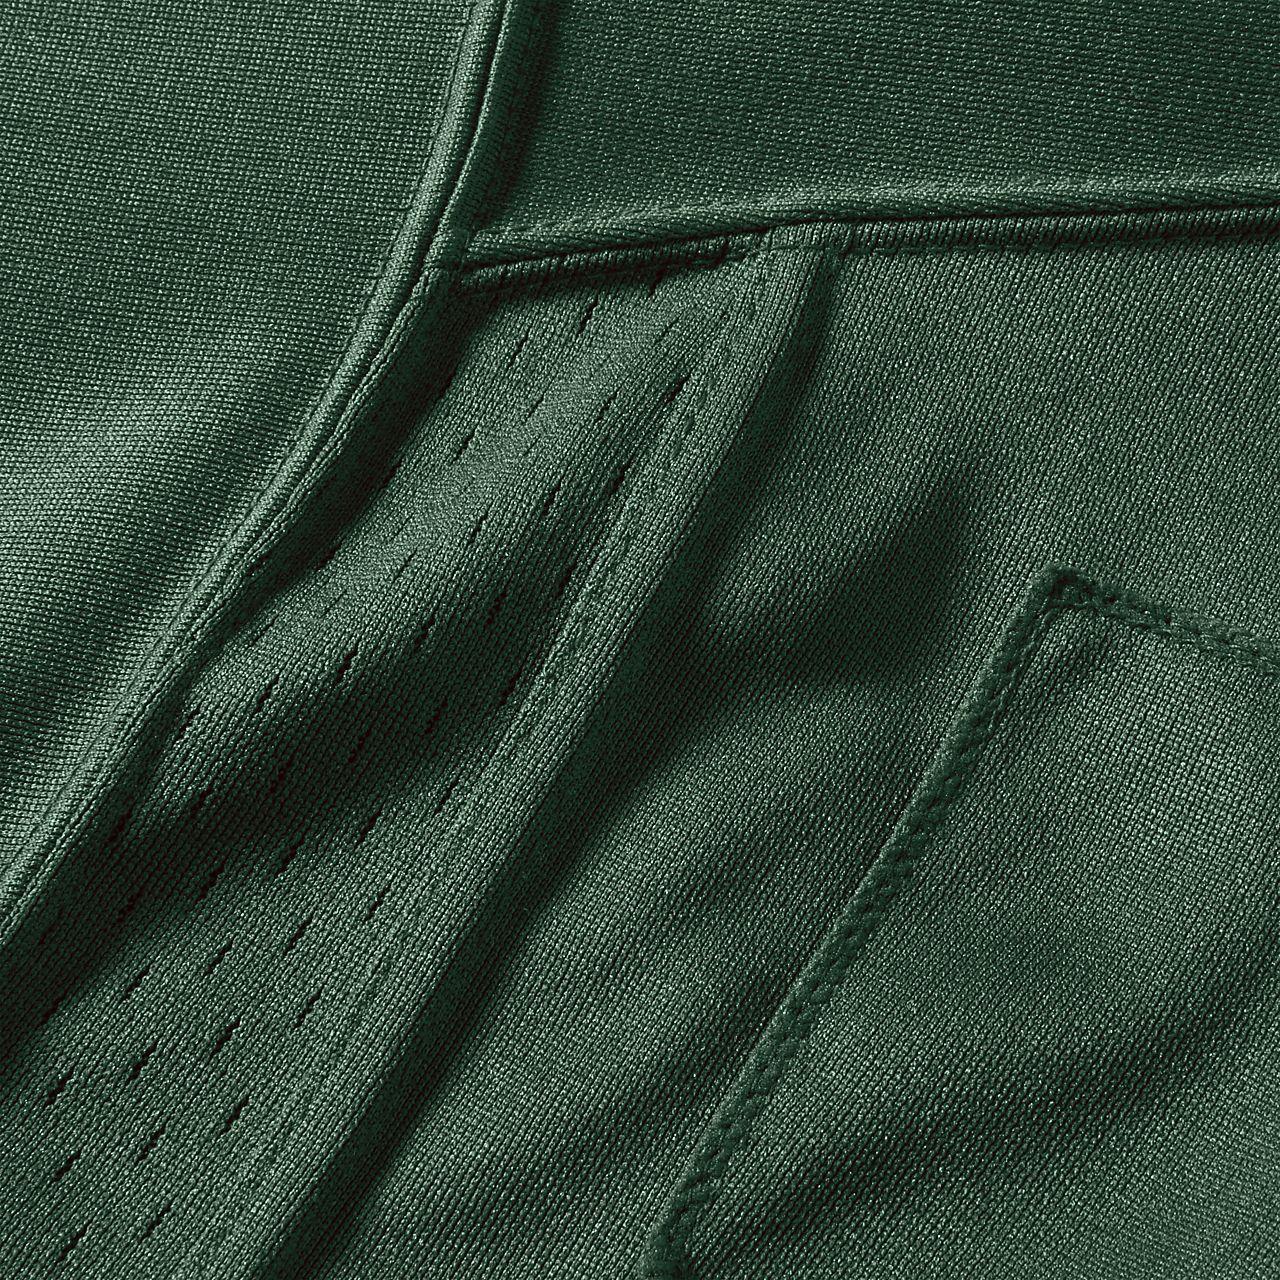 Fantástico Green Bay Packer Para Colorear Composición - Dibujos de ...